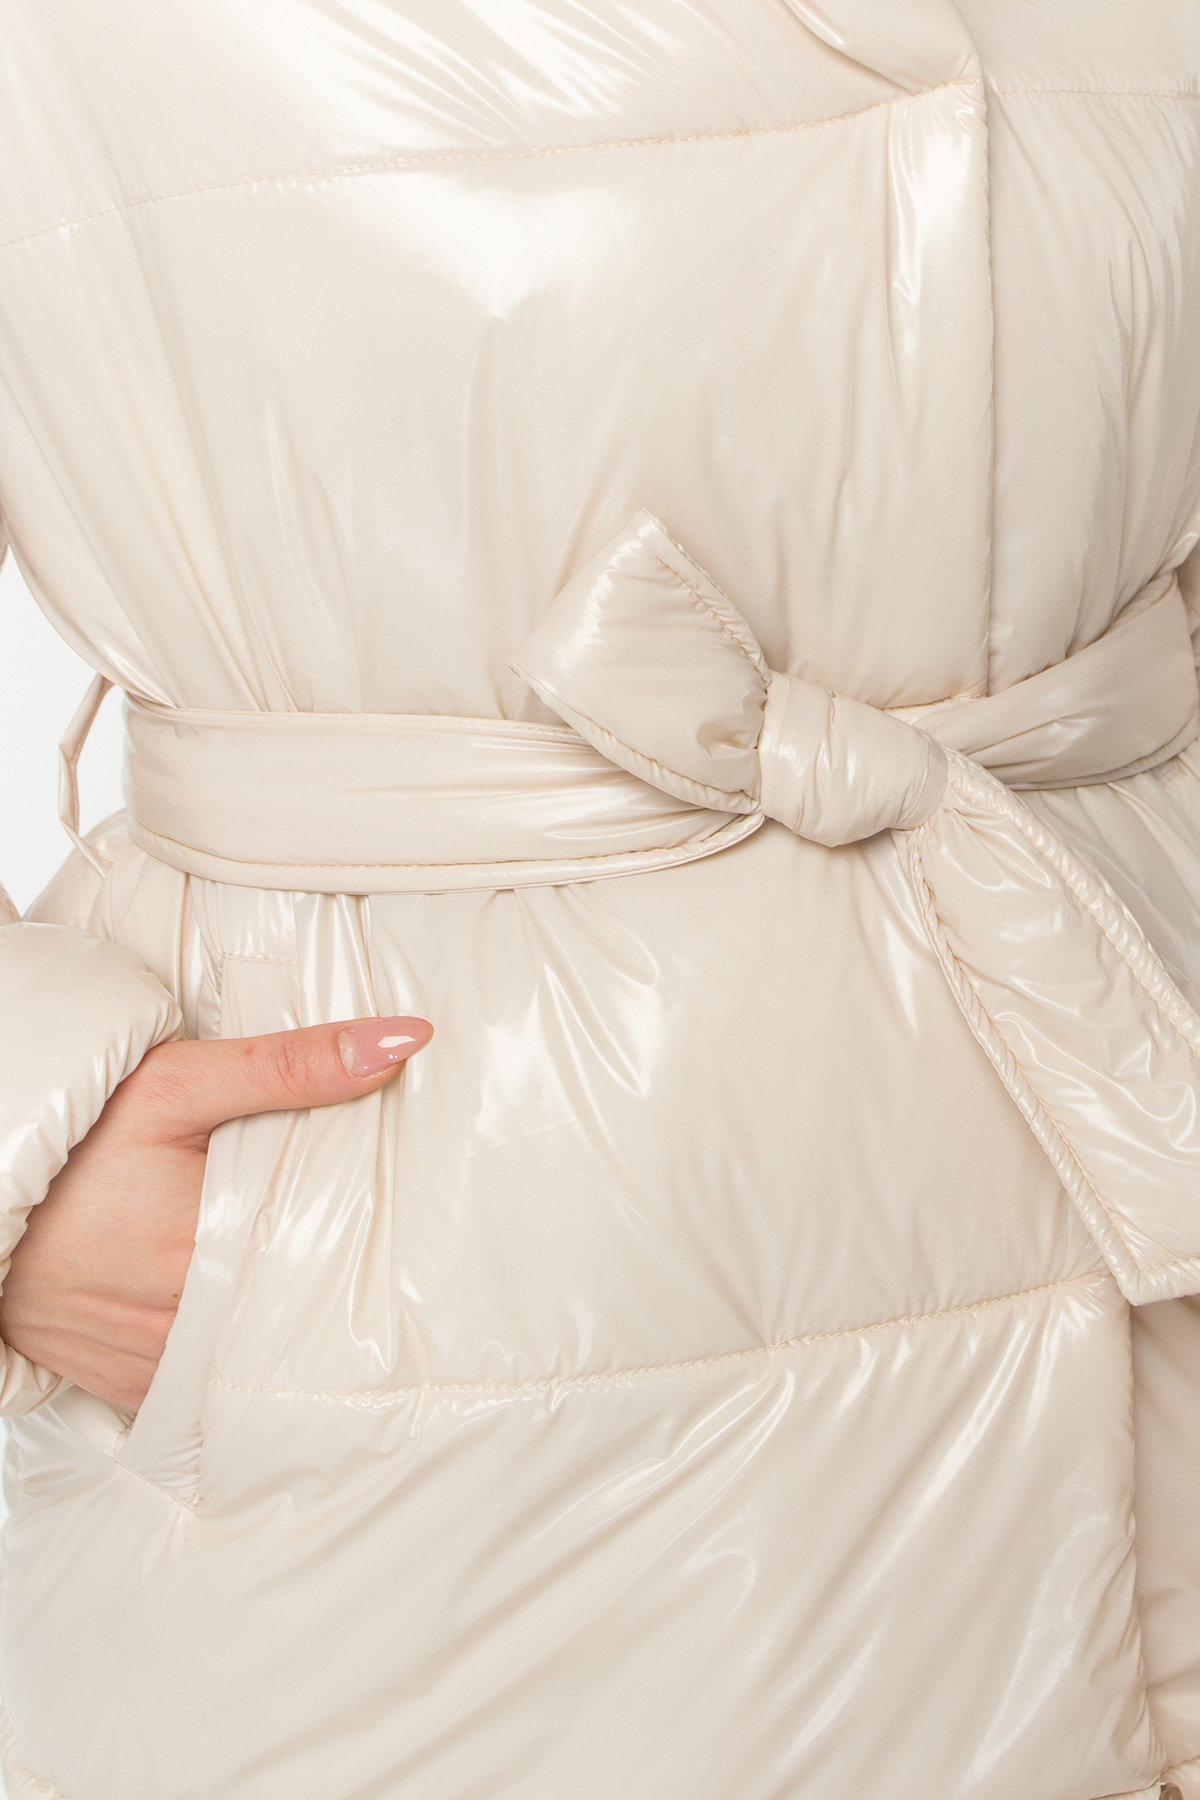 Лаковая куртка пуховик с поясом Бумер 8696 АРТ. 45156 Цвет: светло бежевый - фото 5, интернет магазин tm-modus.ru